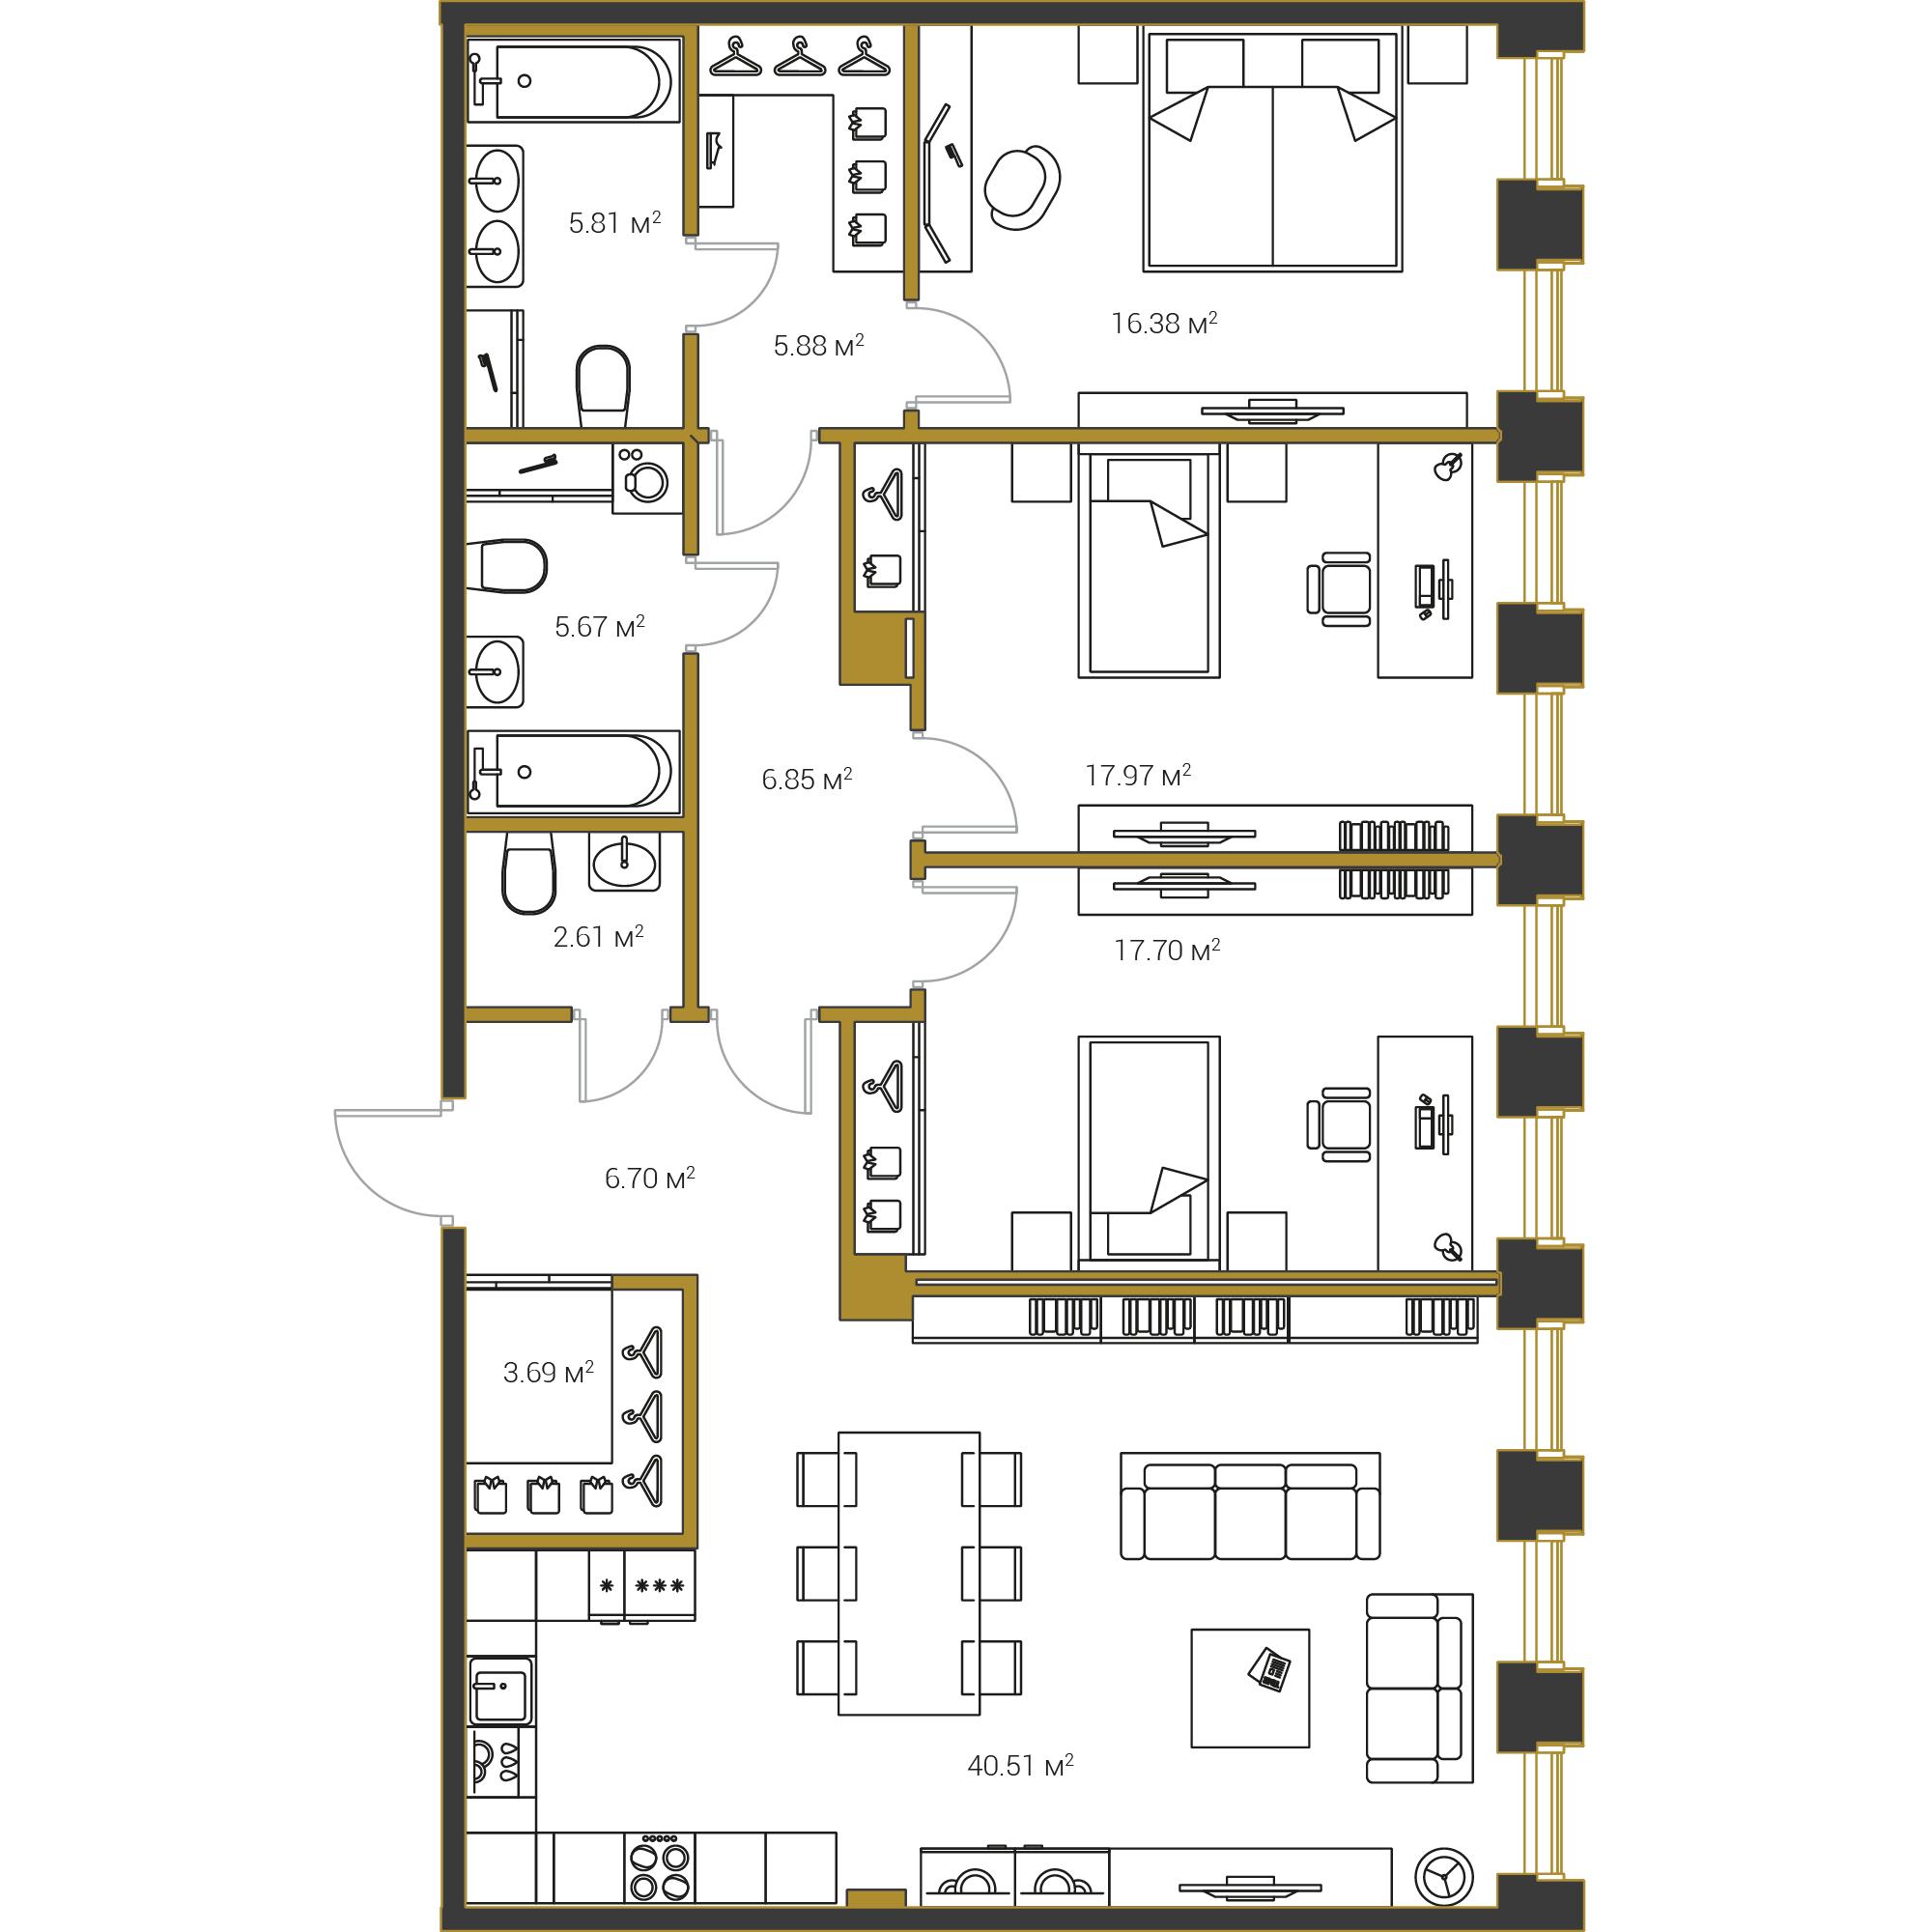 3-комнатная квартира №16 в: Институтский,16: 129.77 м²; этаж: 5 - купить в Санкт-Петербурге